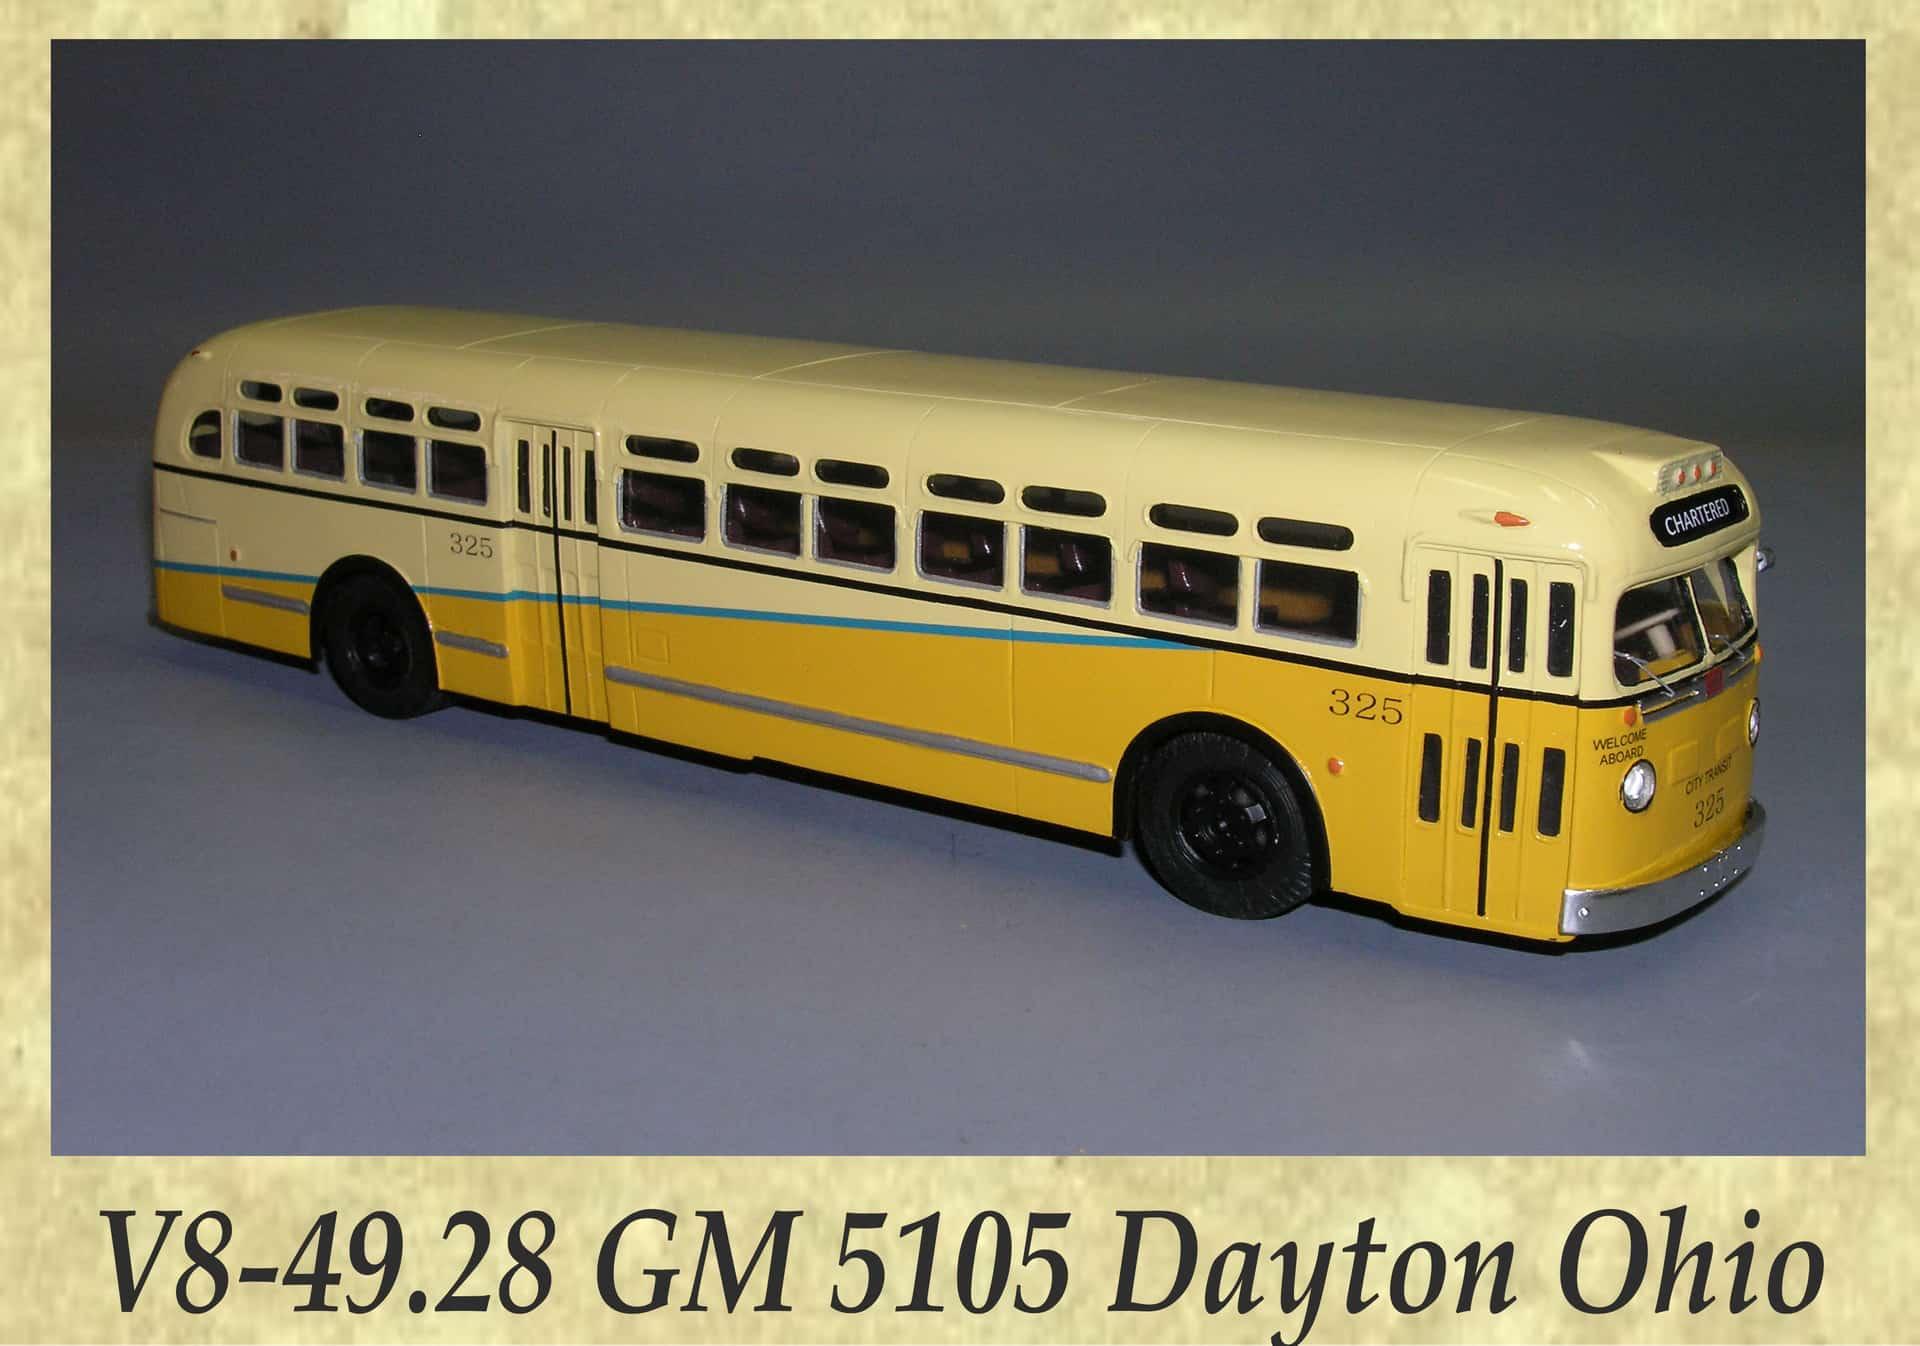 V8-49.28 GM 5105 Dayton Ohio